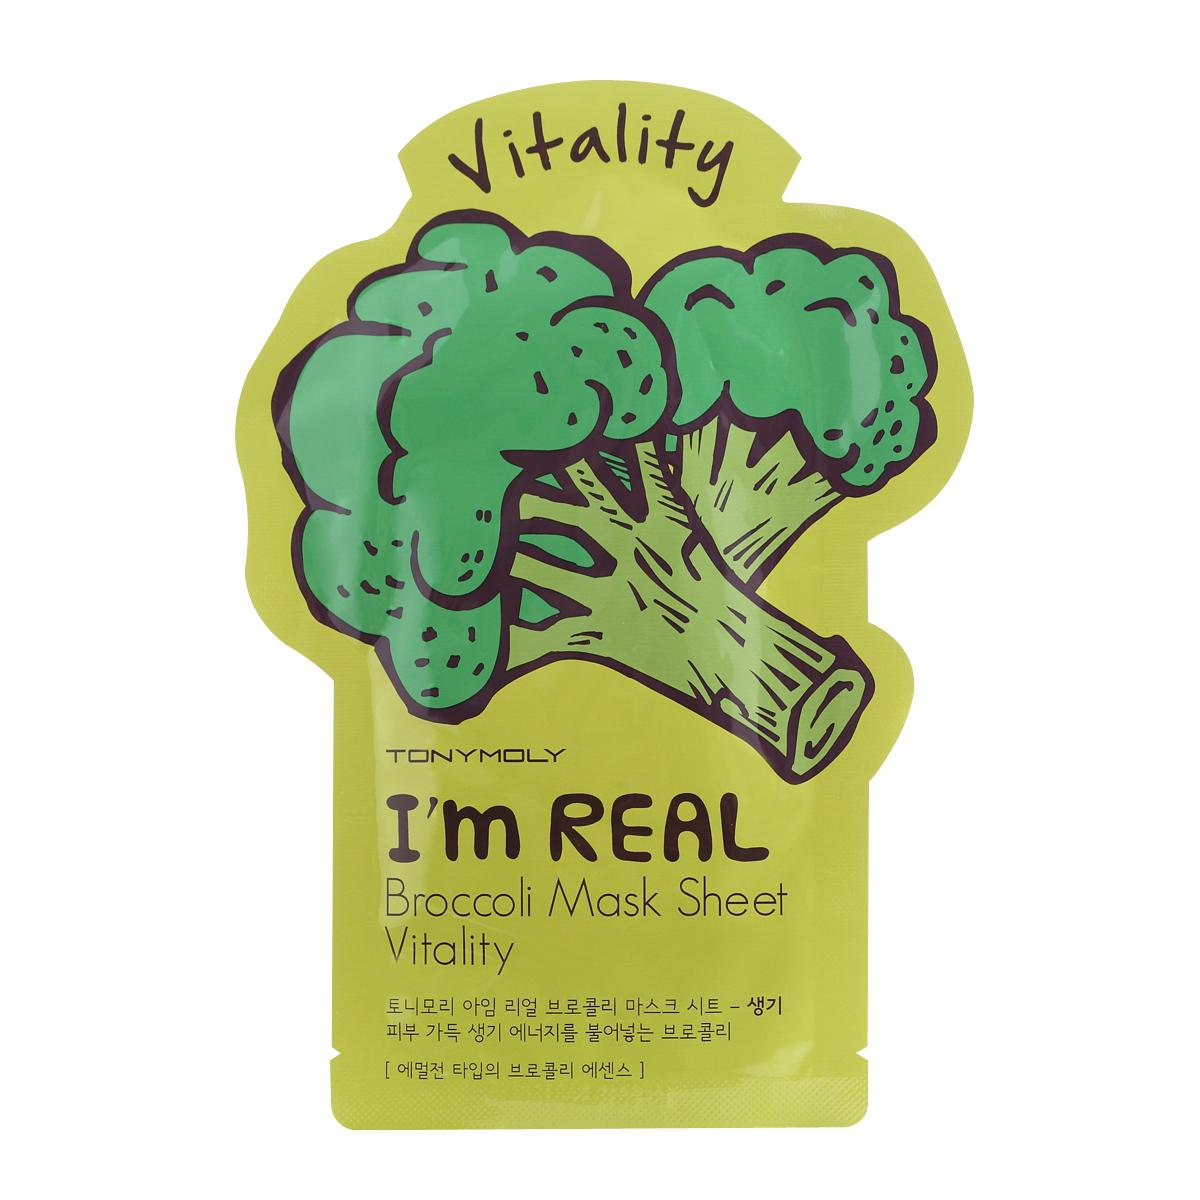 TonyMolyТканевая маска с экстрактом брокколи Im Real Broccoli Mask Sheet, 21 млSS05015800,SS05039700Тканевая маска для тонизирования лица с экстрактом брокколи Tony Moly Im Real Broccoli Mask Sheet плотно прилегает к коже и обеспечивает глубокое и интенсивное питание и увлажнение. Маска состоит из 100% хлопка, не содержит парабенов, искусственных красителей и талька. Экстракт брокколи содержит большое количество антиоксидантов, витаминов и минералов, которые защищают кожу от негативного воздействия внешних факторов окружающей среды, придают сияние и выравнивают тон кожи. Применение маски улучшает регенерацию клеток кожи, способствует омоложению и разглаживанию морщин. Применяется для всех типов кожи. Марка Tony Moly чаще всего размещает на упаковке (внизу или наверху на спайке двух сторон упаковки, на дне банки, на тубе сбоку) дату изготовления в формате: год/месяц/дата.